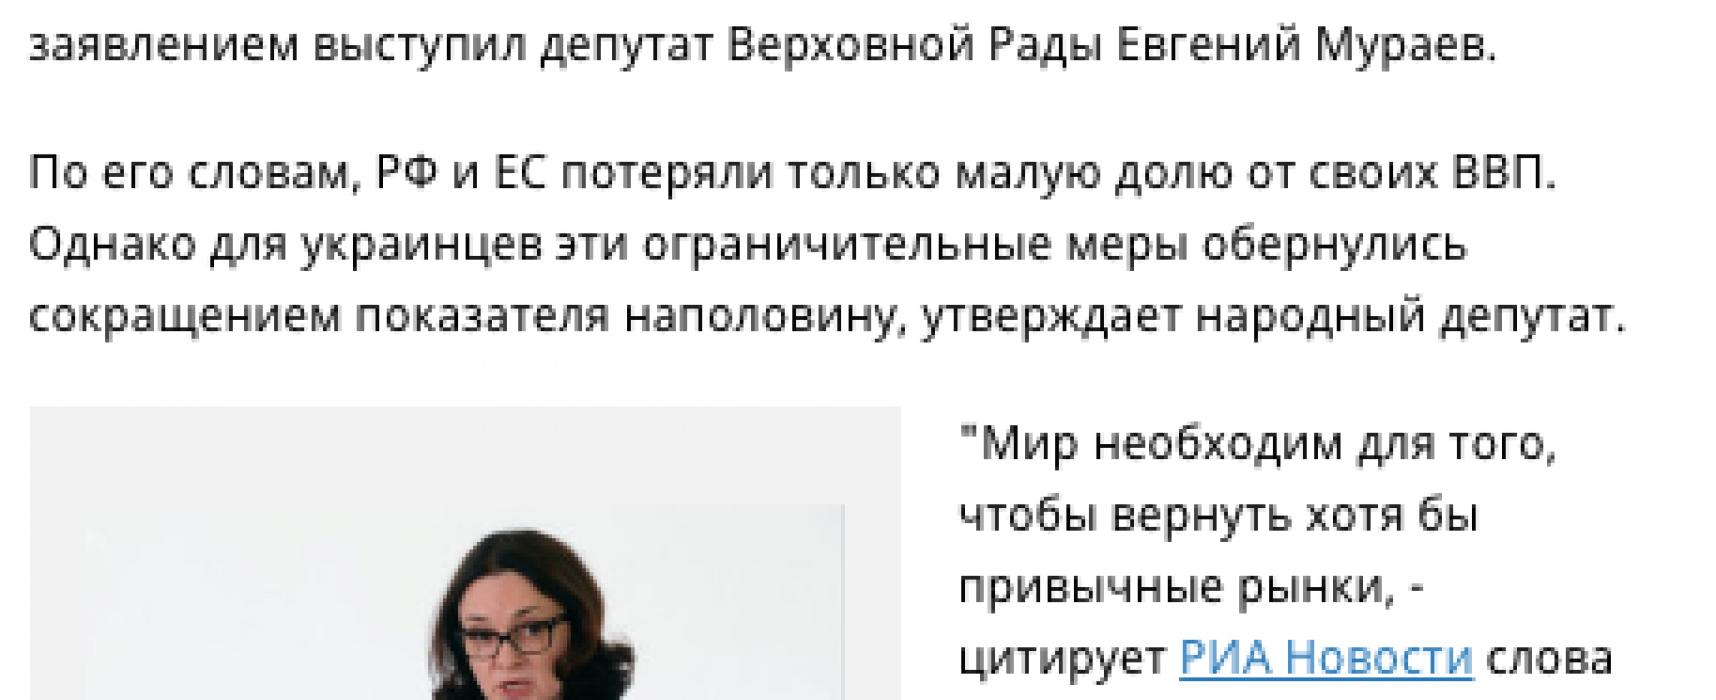 Fake: Ukraine verliert wegen Russland-Sanktionen 50% ihres BIP